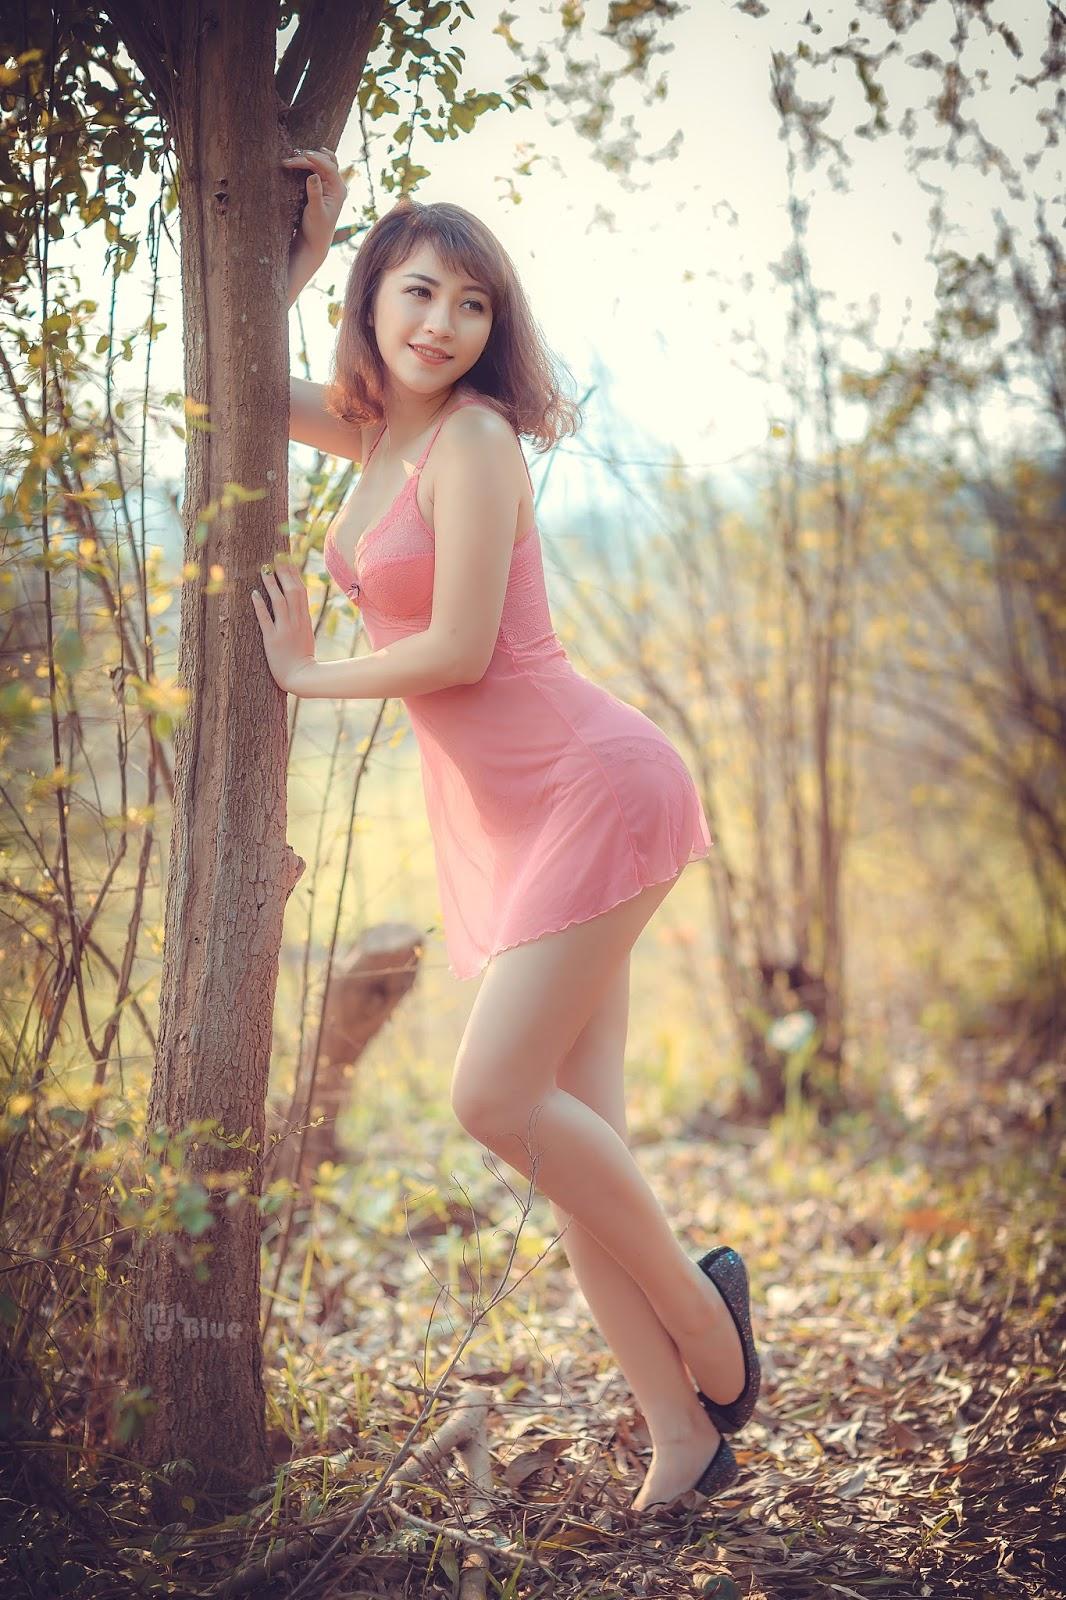 Hoa Hậu Ngọc Diễm Lộng Lẫy Và Gợi Cảm - Sexy Girls, Beauty